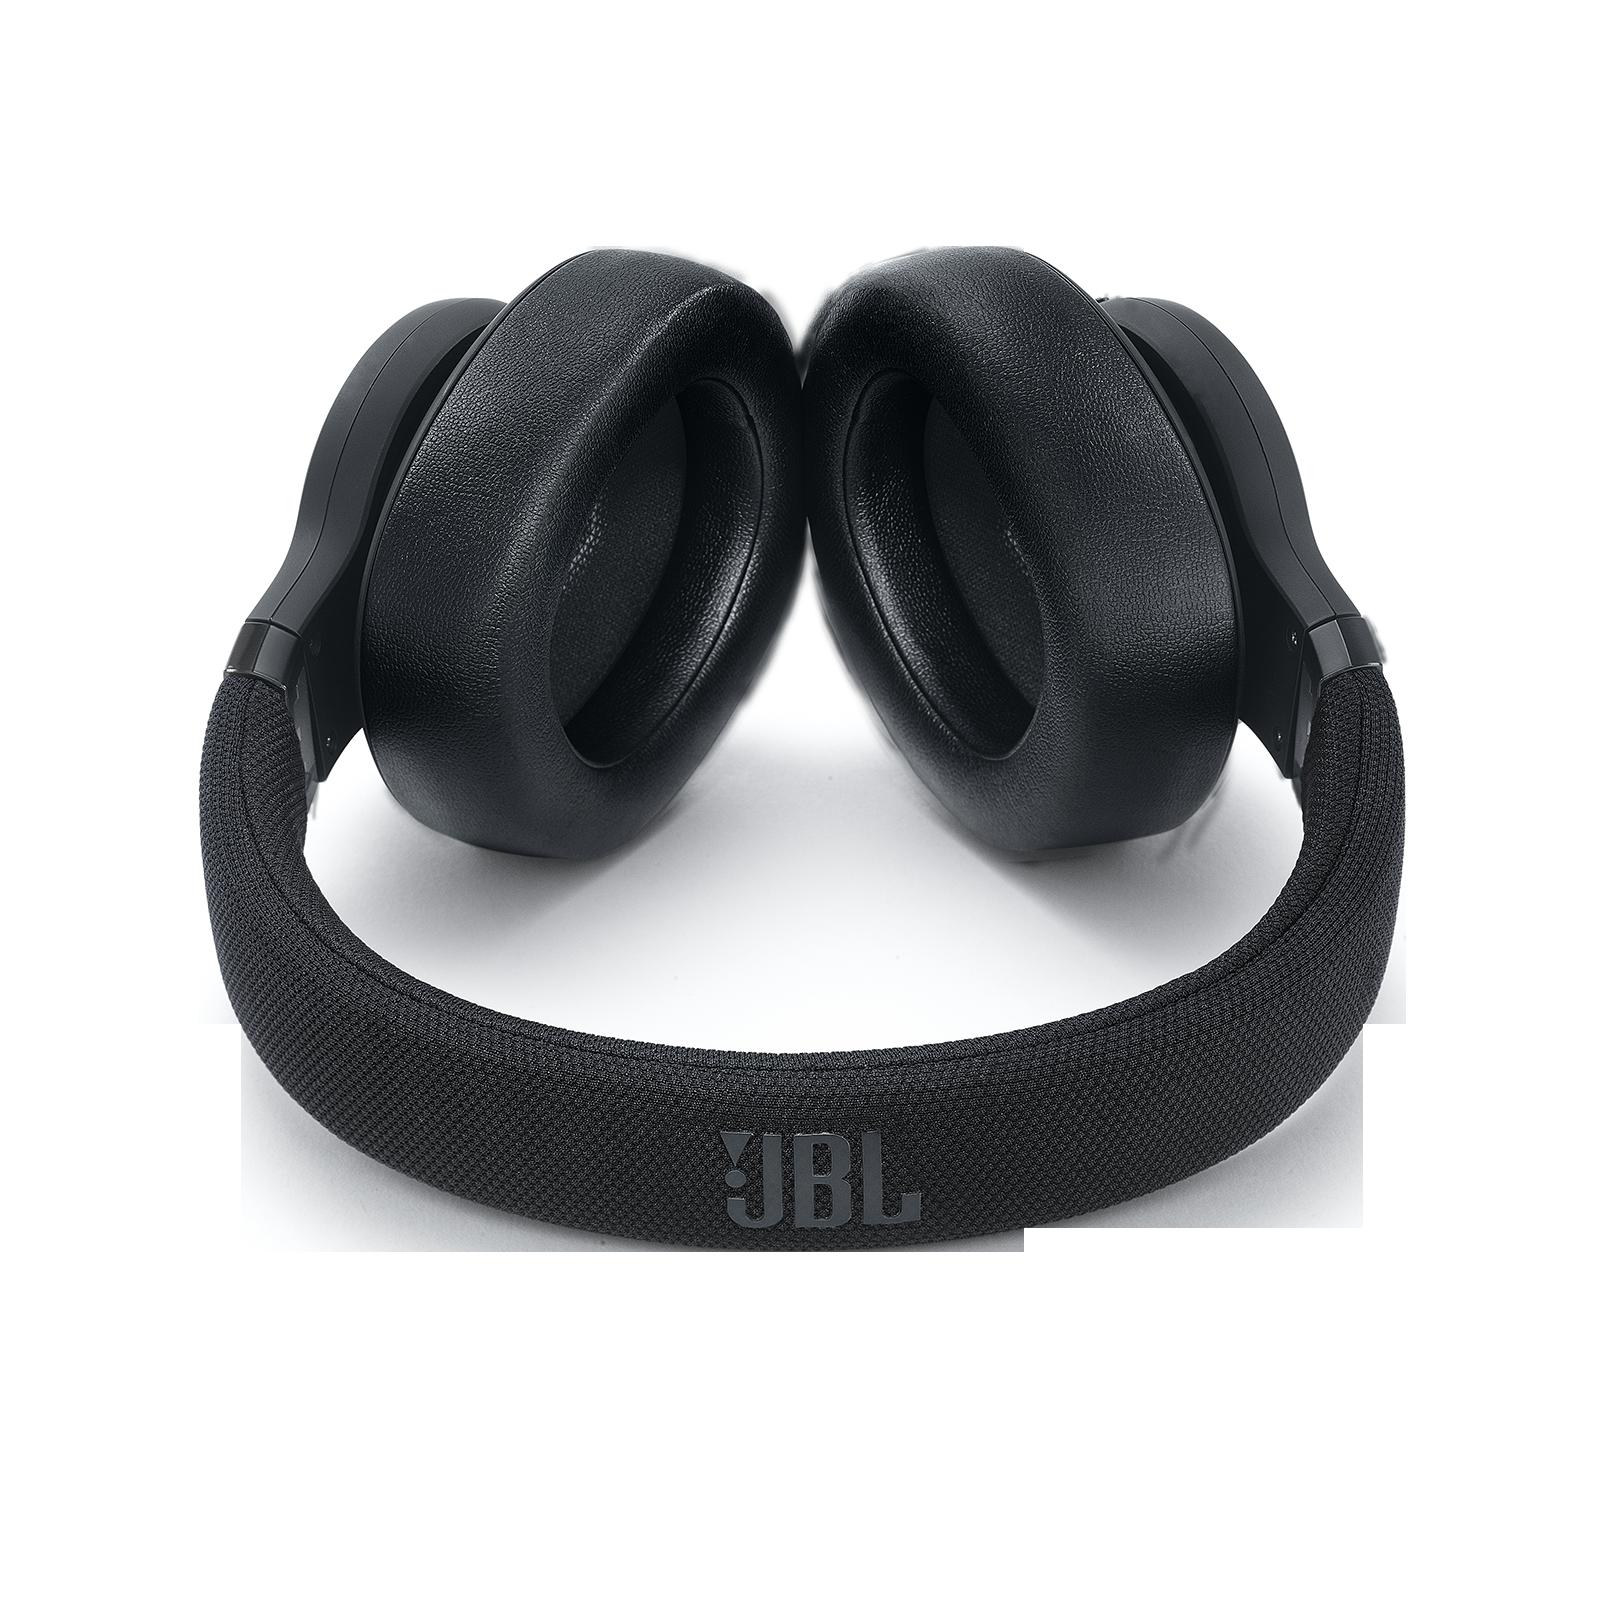 JBL E65BTNC